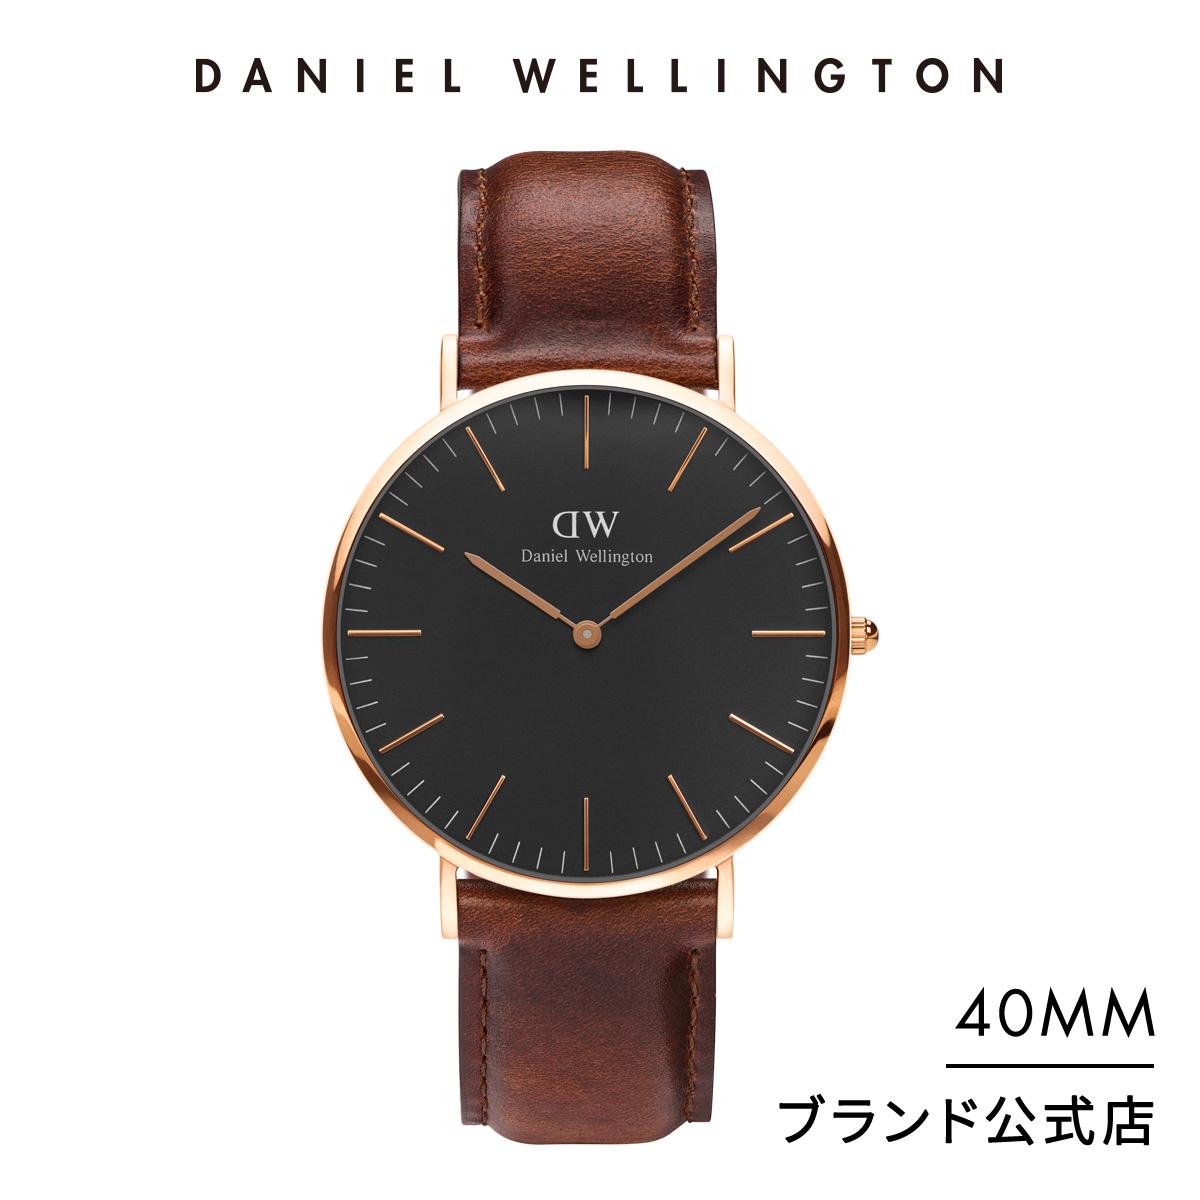 【公式2年保証/送料無料】ダニエルウェリントン公式 メンズ 腕時計 Classic Black St Mawes 40mm 革 ベルト クラシック ブラック セント モース DW プレゼント おしゃれ インスタ映え ブランド 彼女 彼氏 ペアスタイルに最適 ウォッチ ボーナス